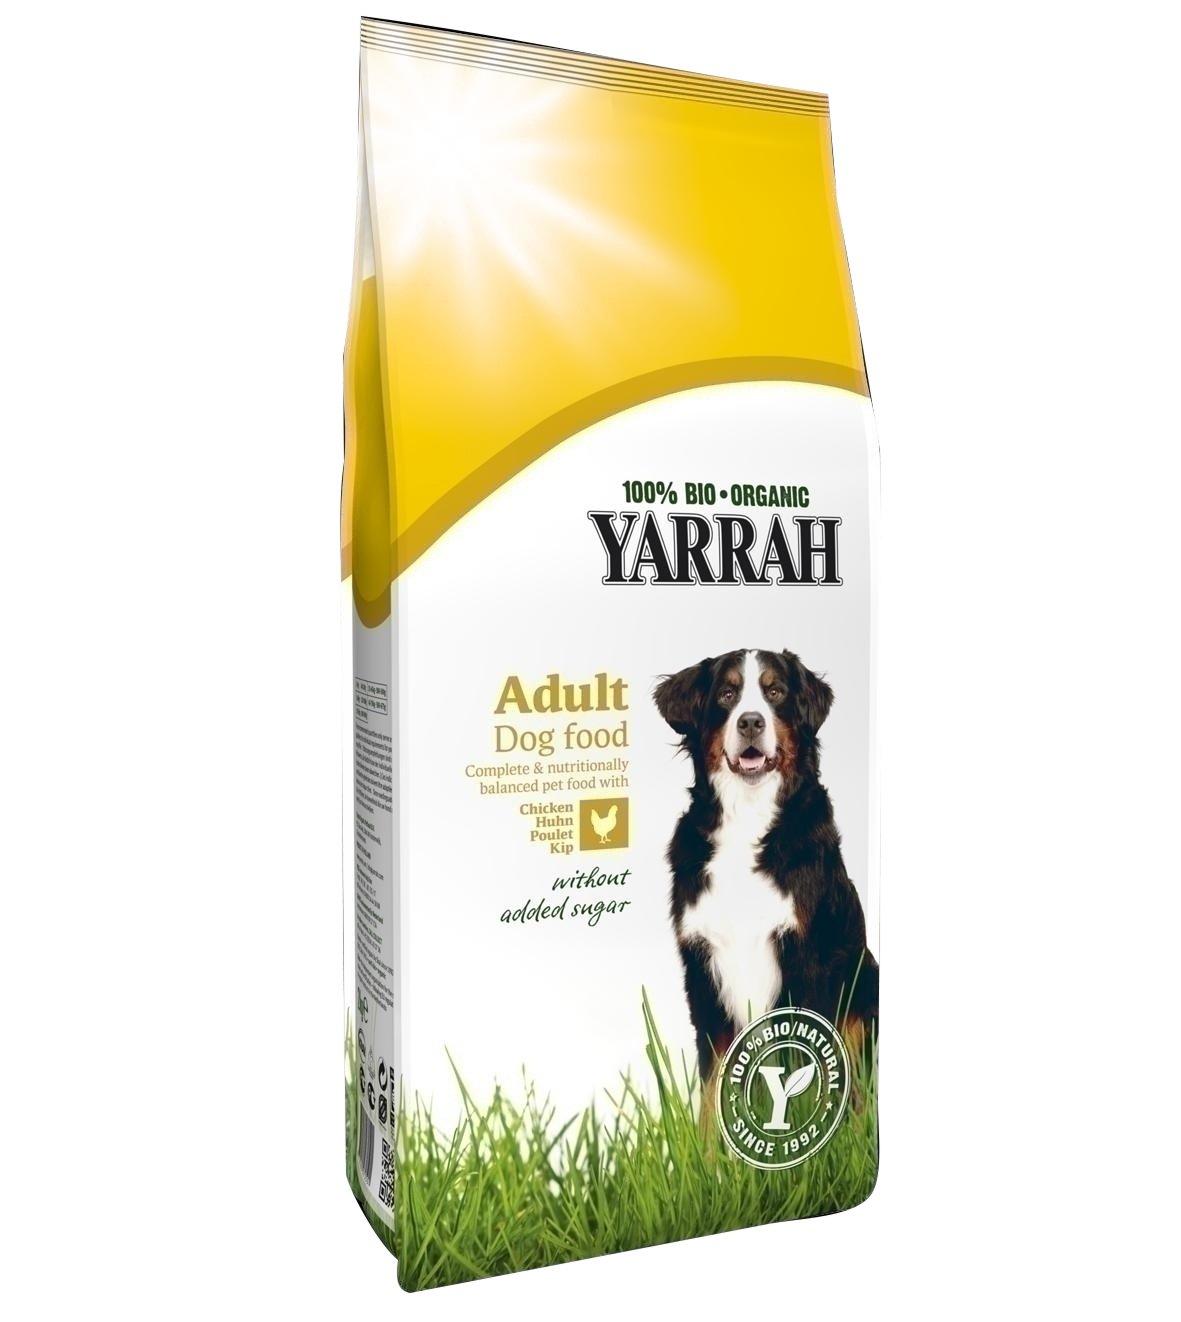 ヤラー (YARRAH) 100%オーガニックドッグフード